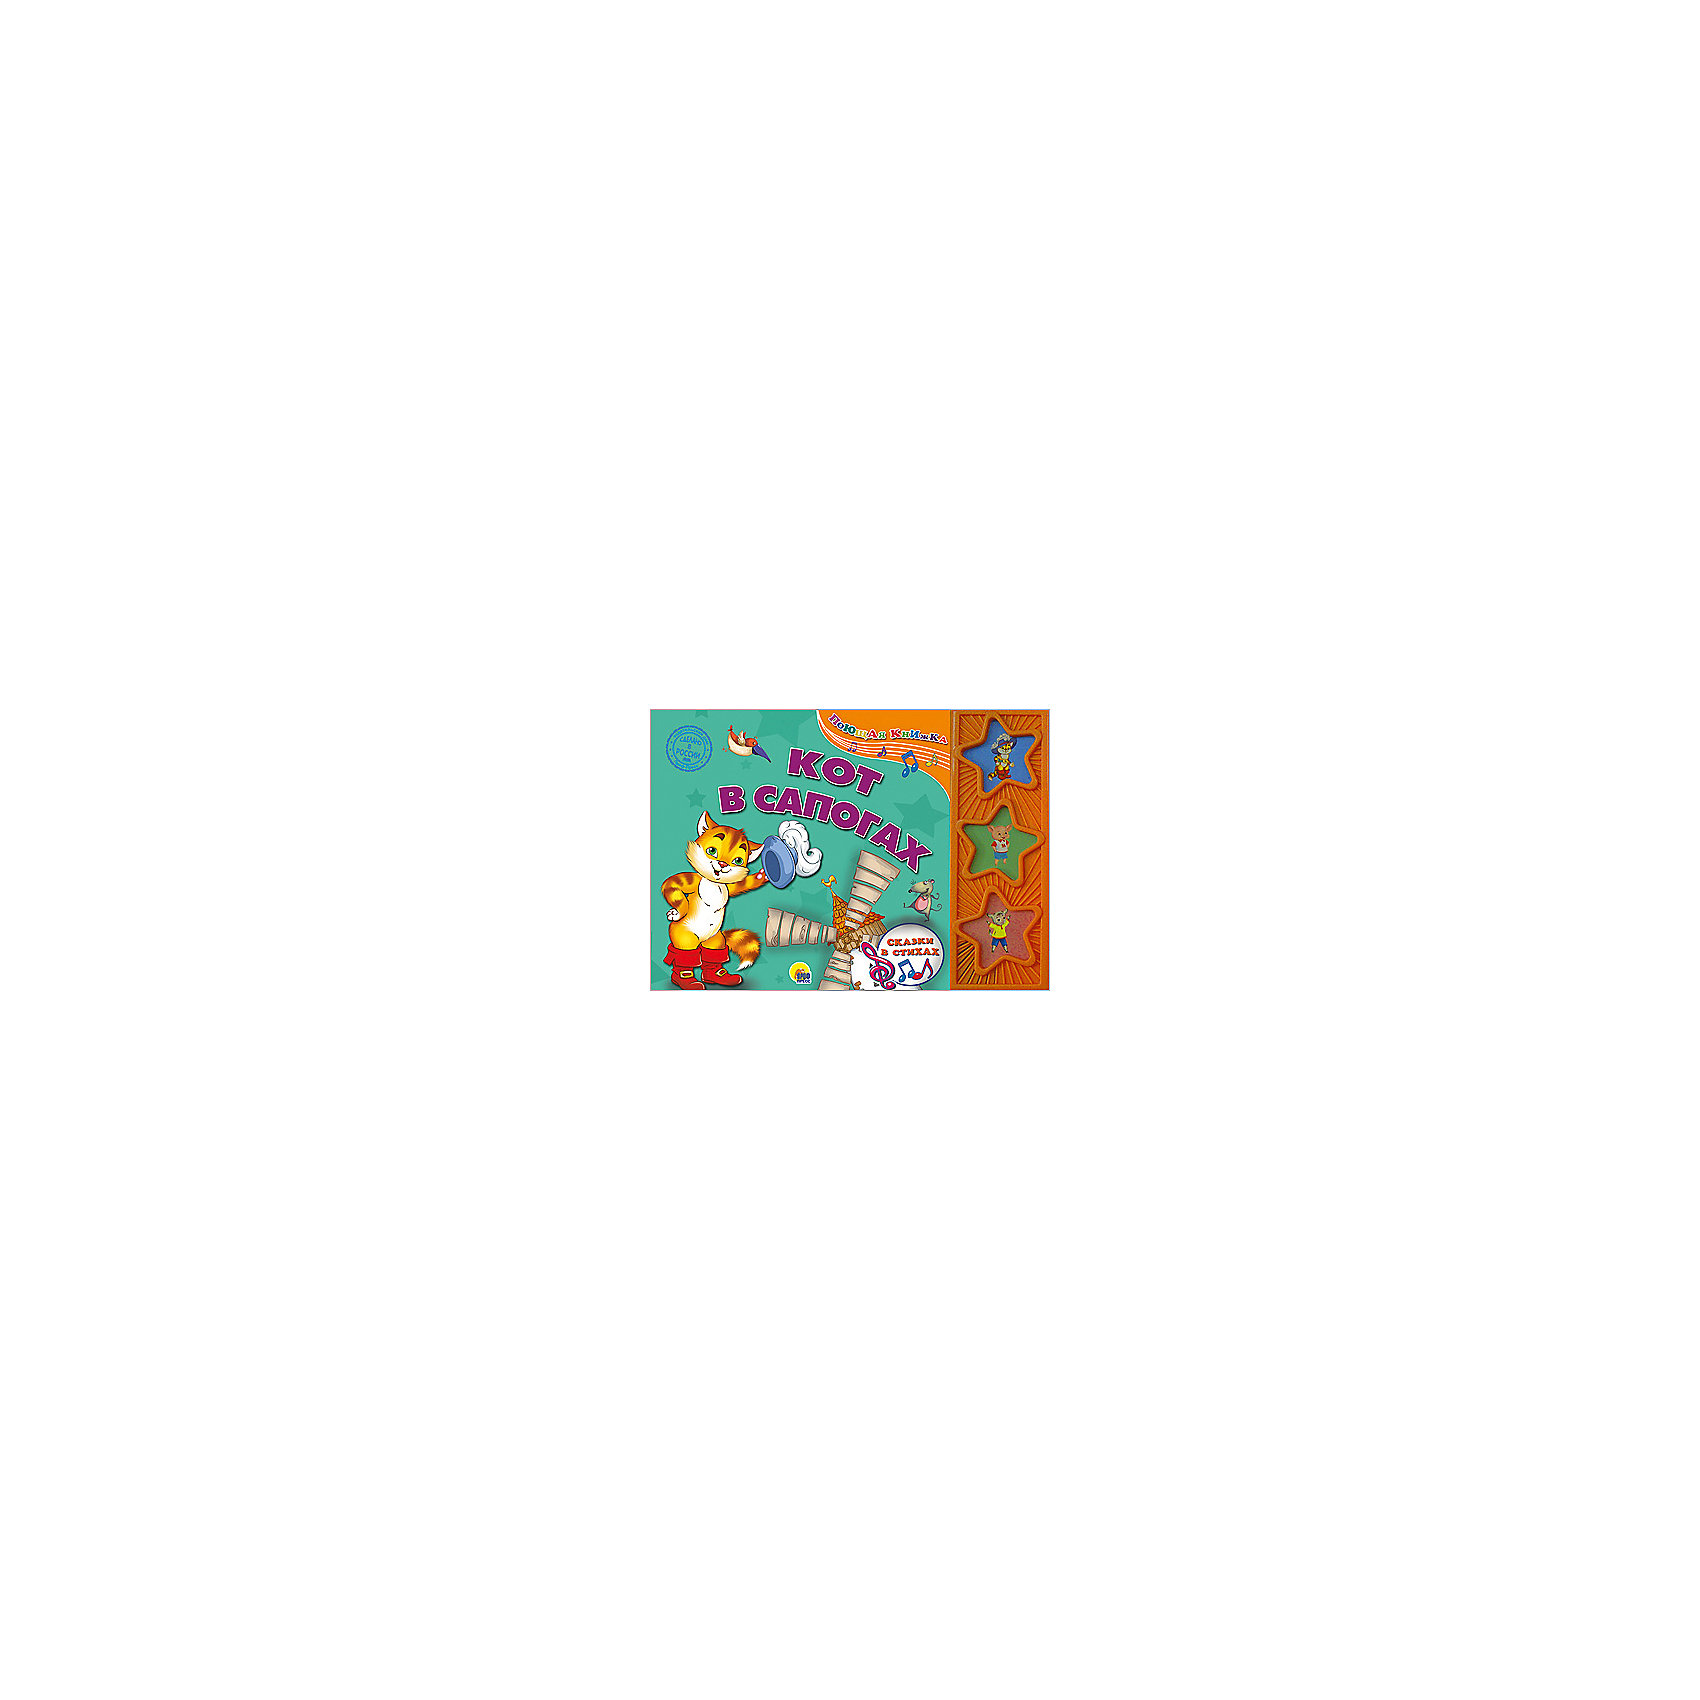 Поющая книжка Кот в сапогахКниги по фильмам и мультфильмам<br>Поющая книжка Кот в сапогах с музыкальным модулем  создана специально для любознательных читателей. Любимое произведение, красочные картинки и веселые песенки, которые звучат при нажатии на кнопку - здесь есть всё для того, чтобы провести время с пользой!<br>Дополнительная информация:<br>Издательство: Проф-Пресс<br>Год выпуска: 2016<br>Серия: Поющая книжка<br>Обложка: твердый переплет<br>Иллюстрации: цветные<br>Количество страниц: 10<br>ISBN:978-5-378-23577-3<br>Размер: 21,5х1,5х21,5 см<br>Вес: 200 грамм<br>Книгу Кот в сапогах можно приобрести в нашем интернет-магазине.<br><br>Ширина мм: 215<br>Глубина мм: 15<br>Высота мм: 215<br>Вес г: 200<br>Возраст от месяцев: 0<br>Возраст до месяцев: 36<br>Пол: Унисекс<br>Возраст: Детский<br>SKU: 4905912